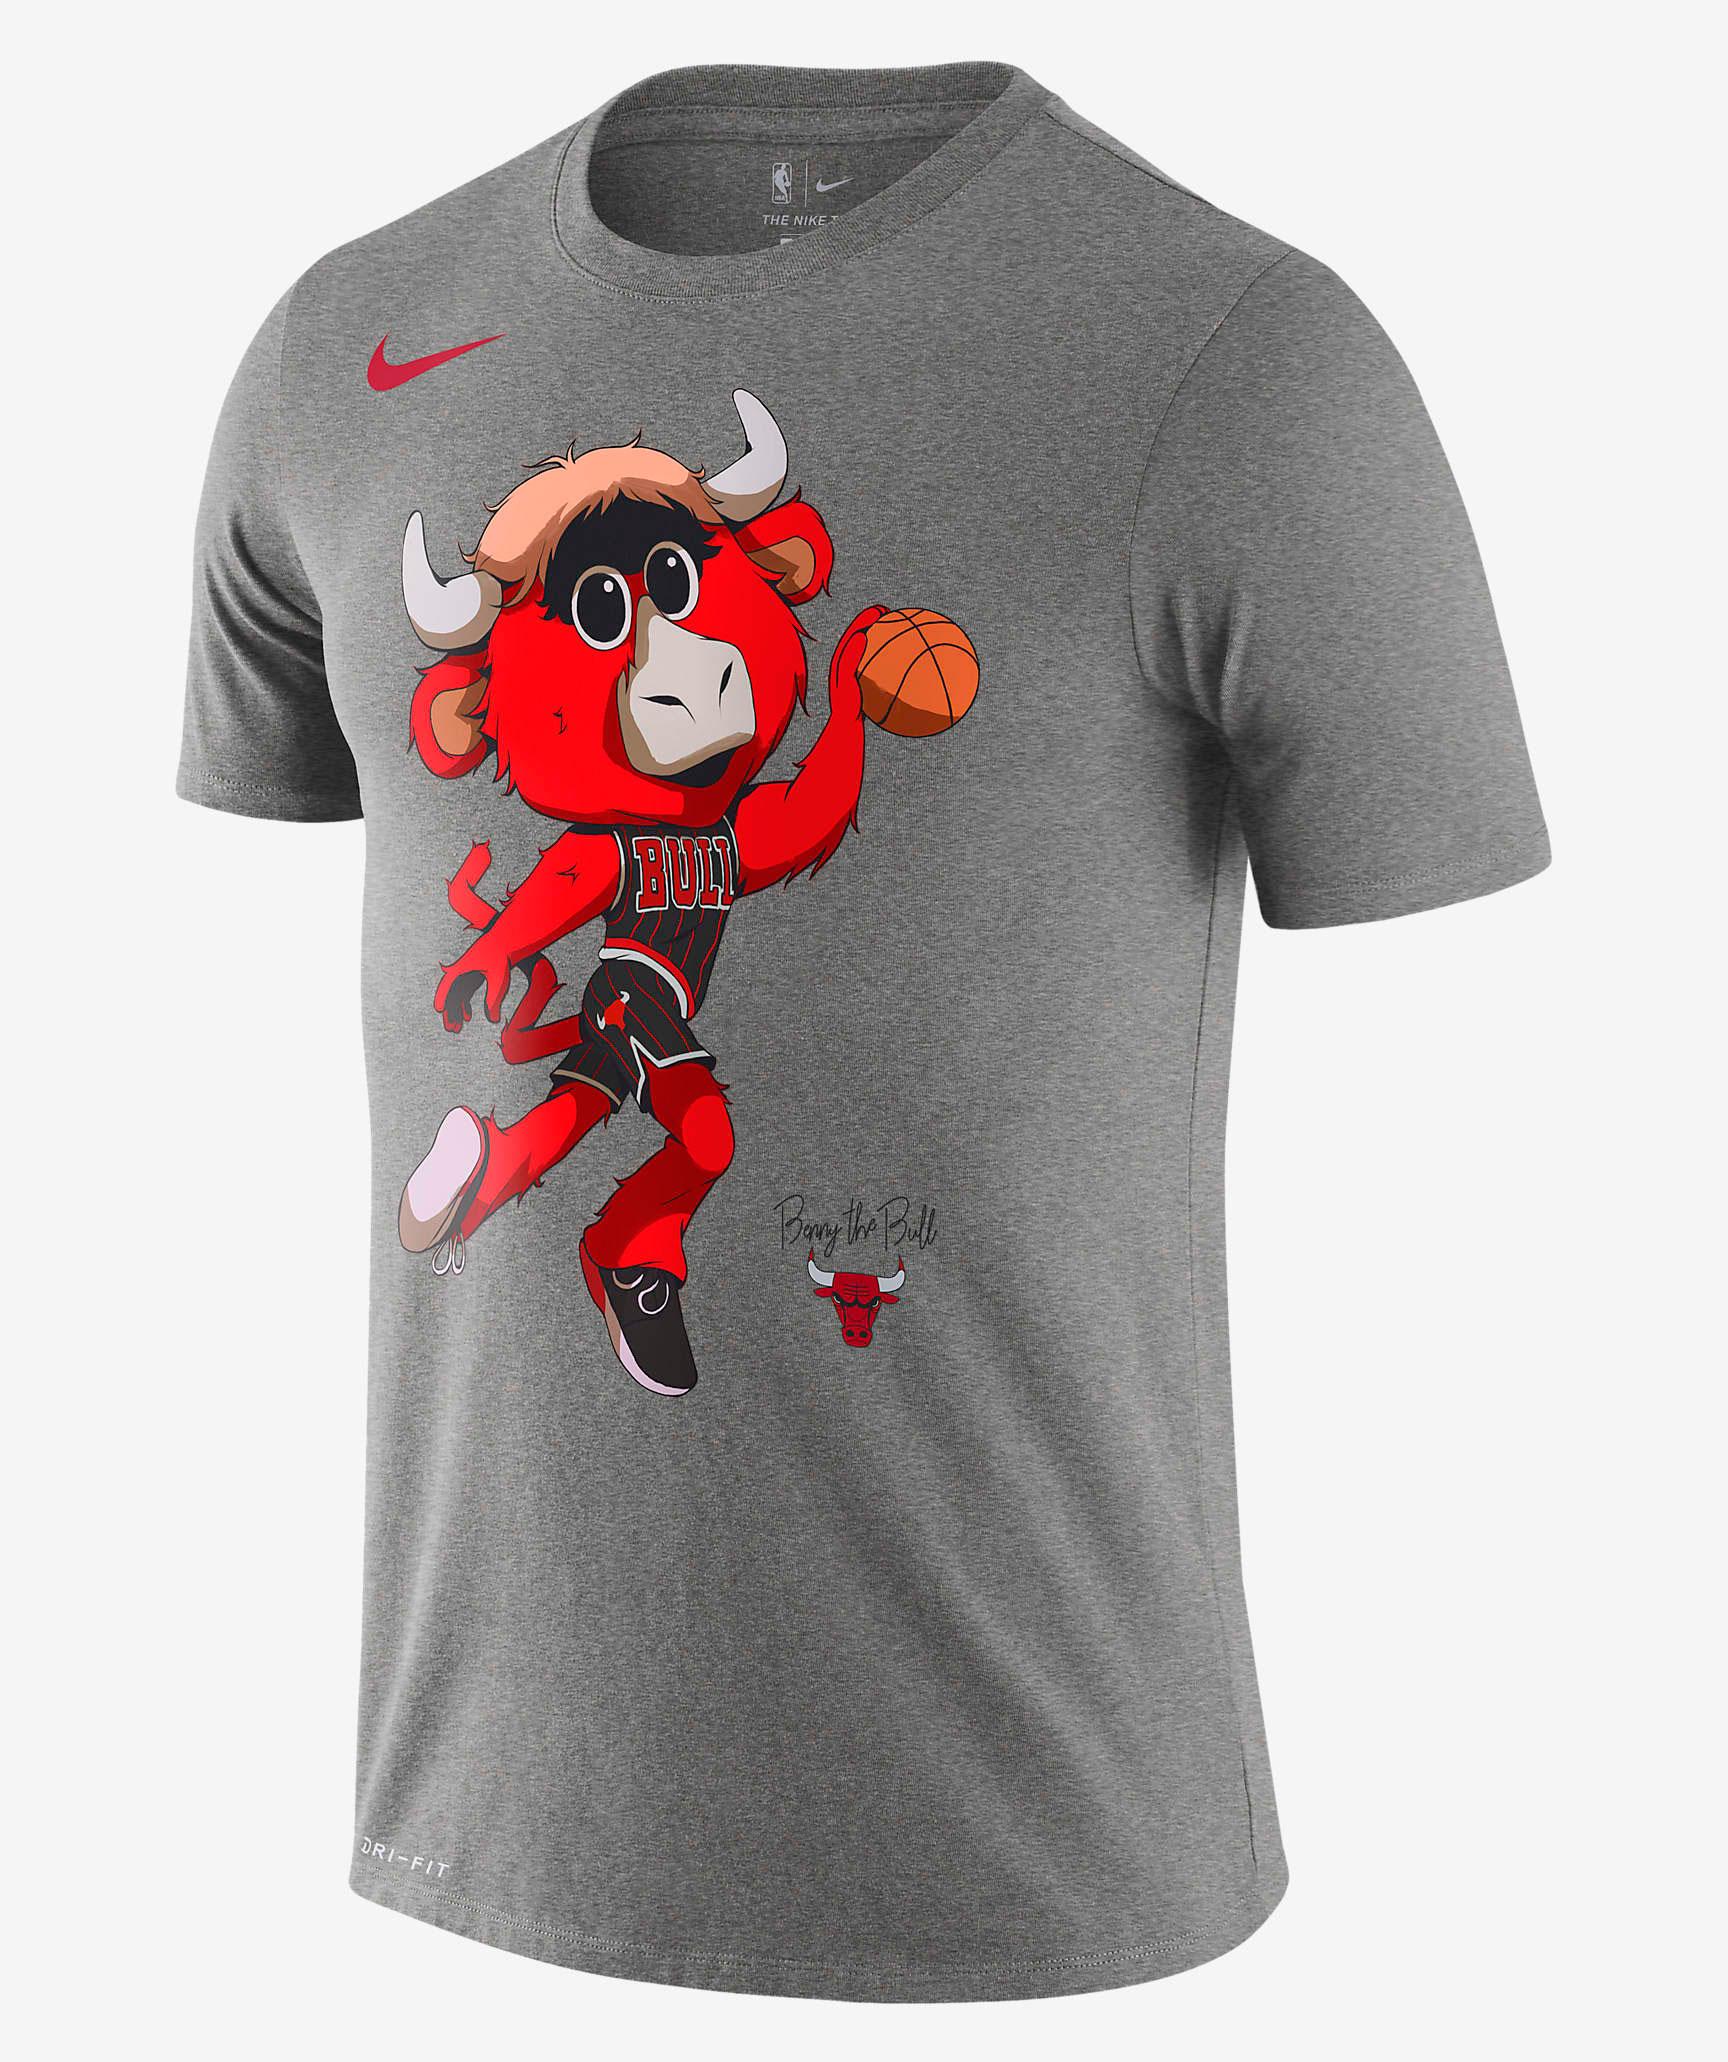 nike-chicago-bulls-mascot-shirt